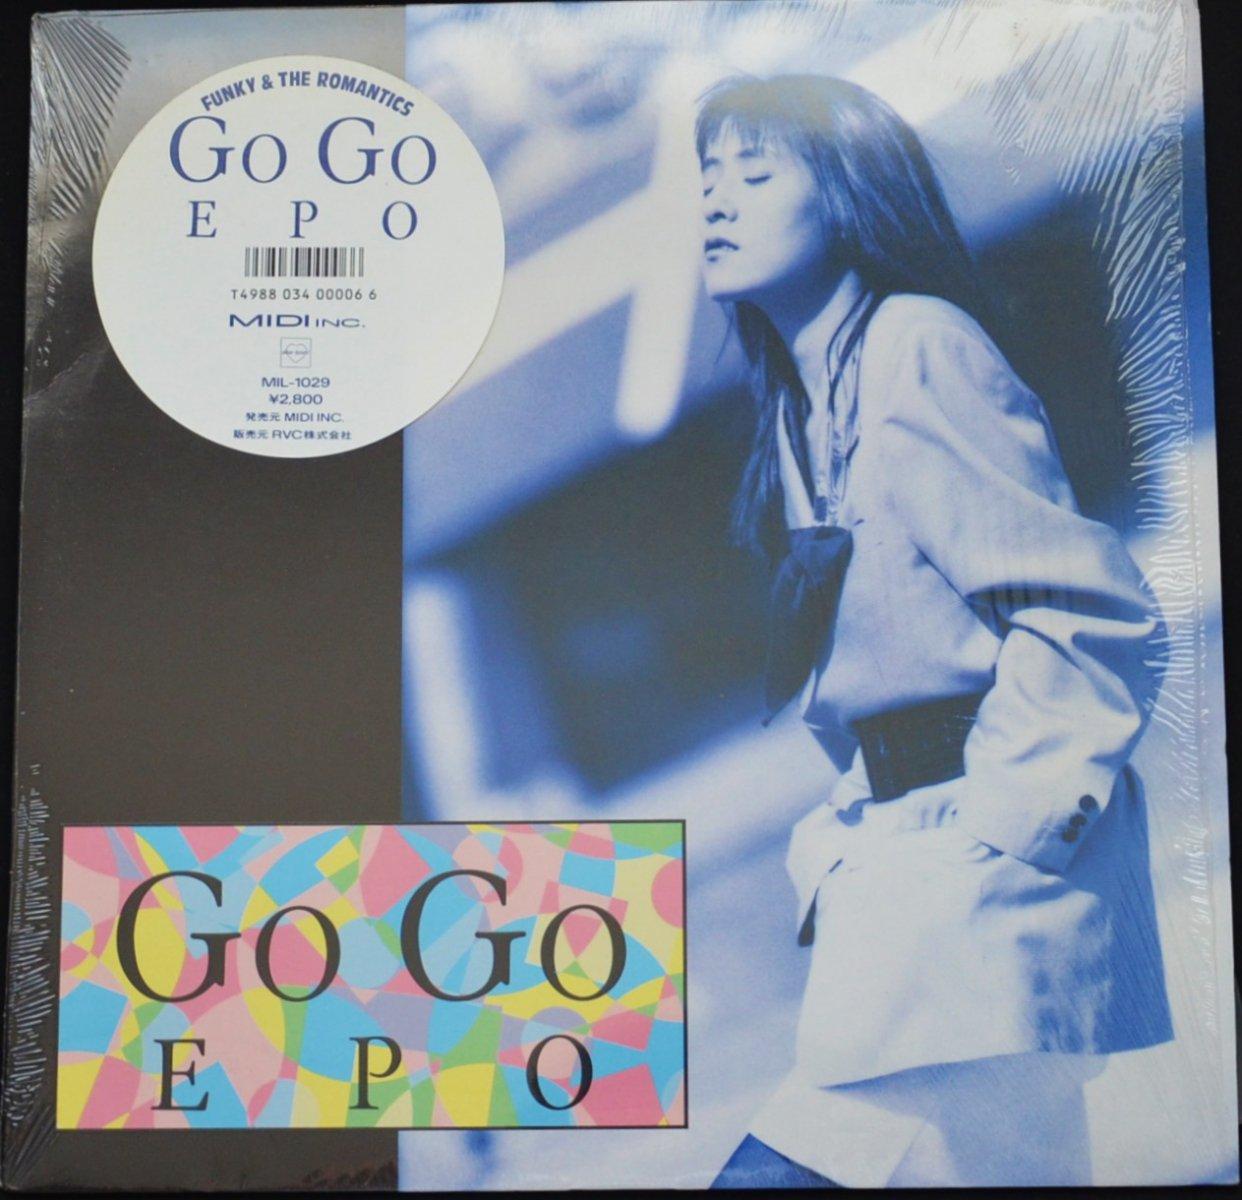 エポ EPO / Go Go EPO (LP)